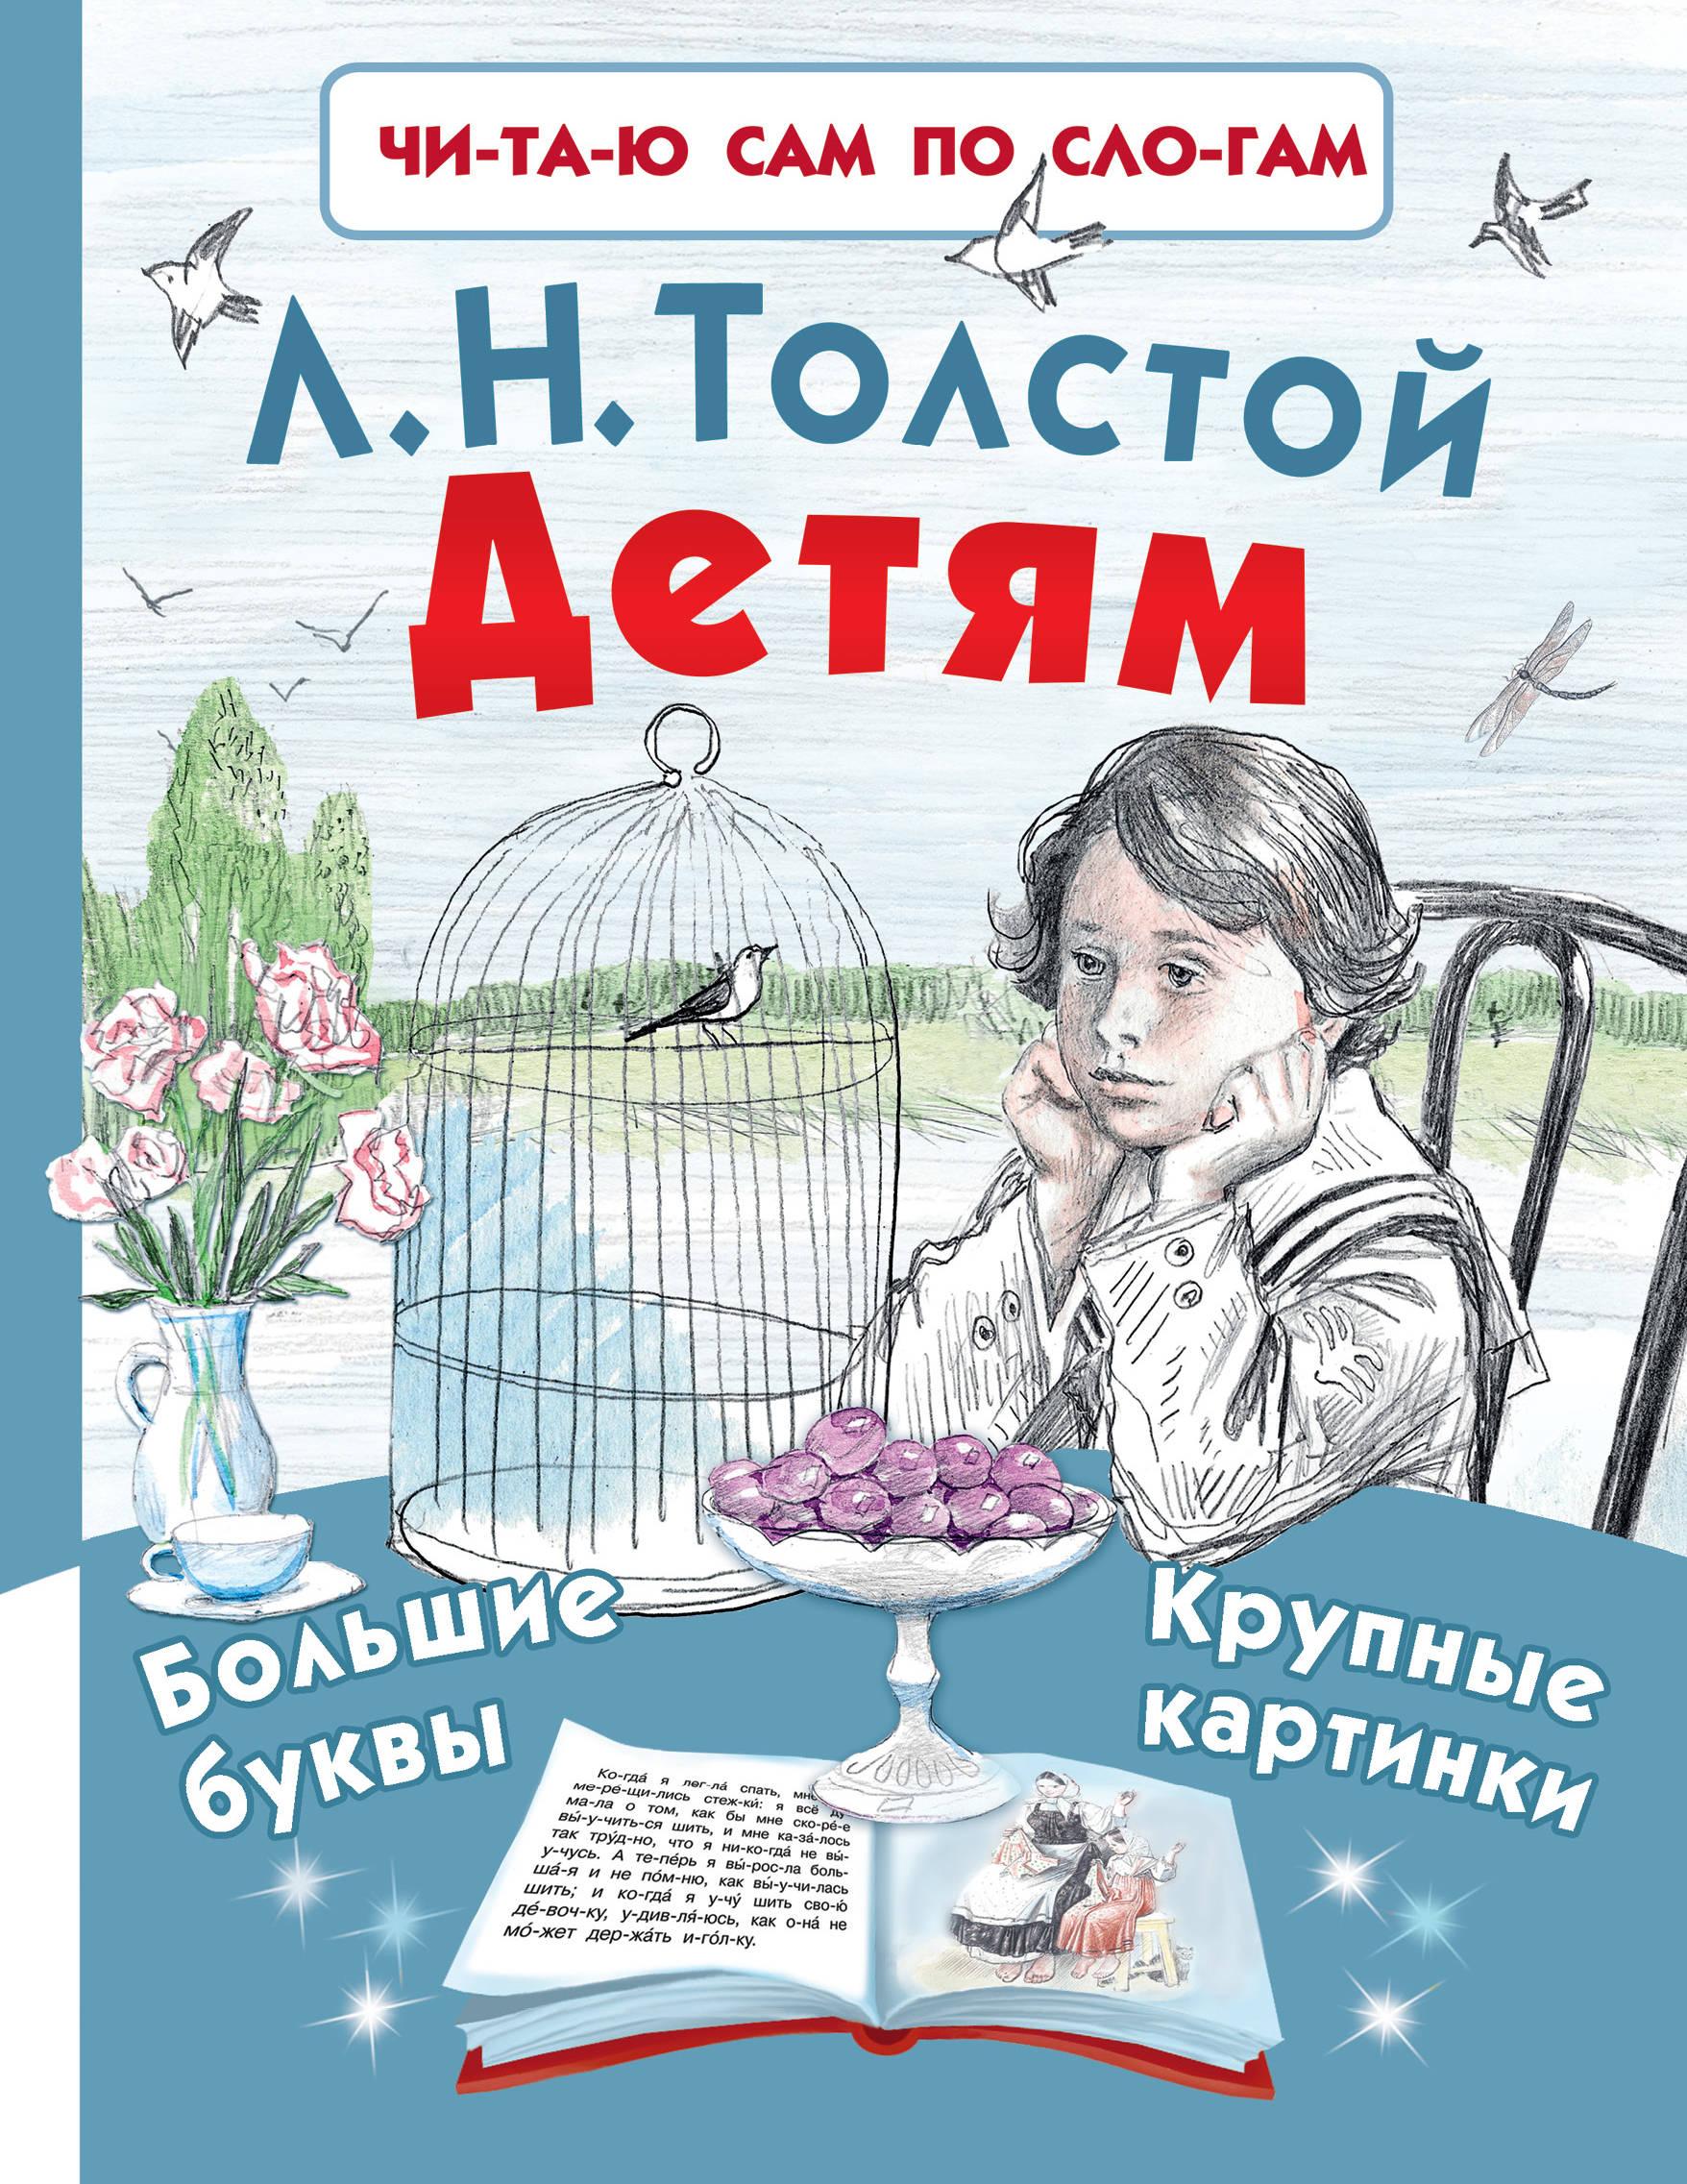 Л.Н. Толстой Детям мастер класс басни с моралью